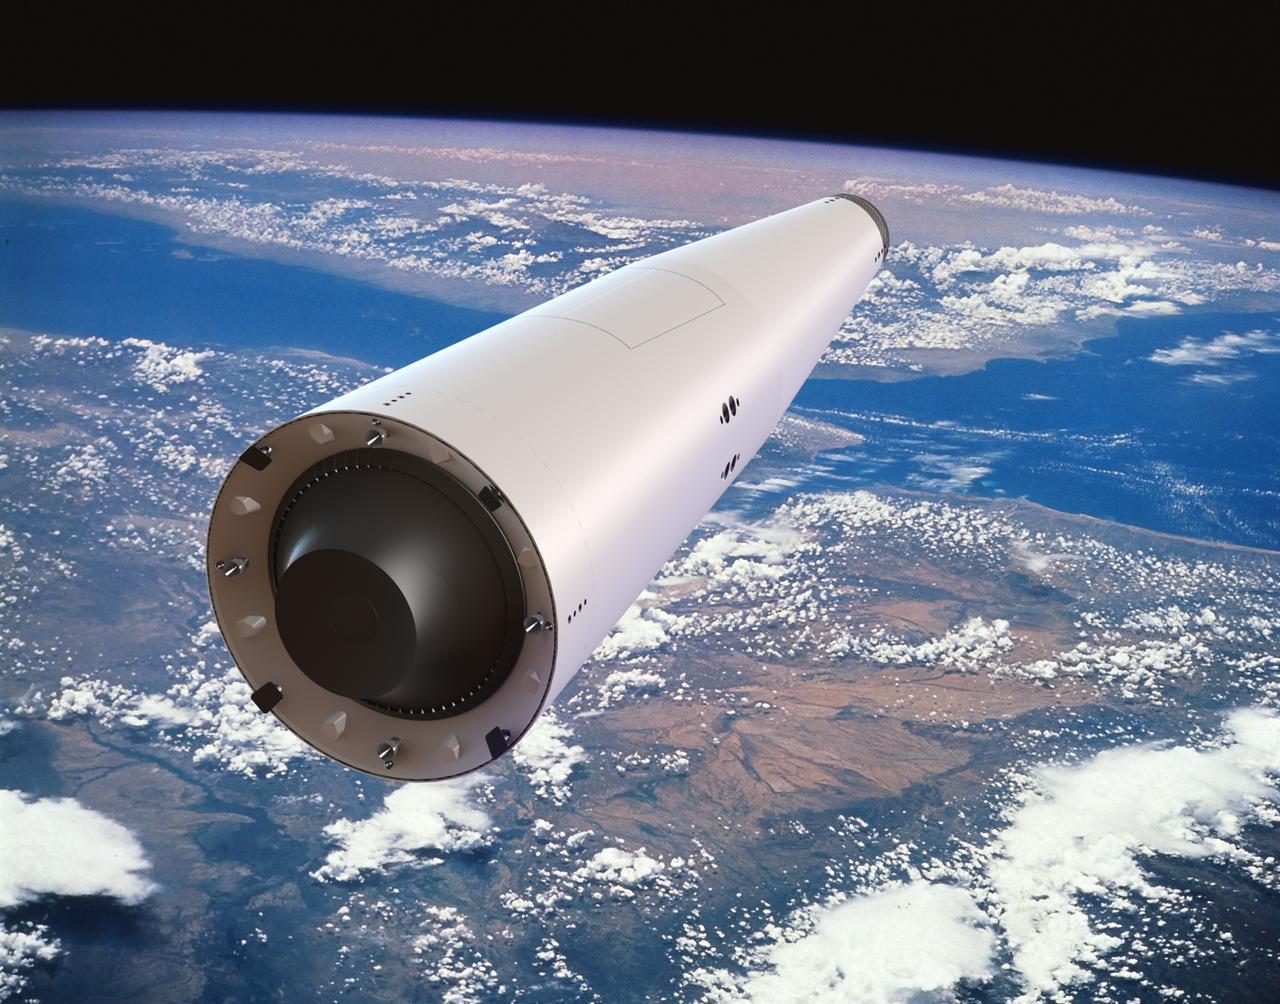 Иллюстрация к проекту одноступенчатой многоразовой ракеты КОРОНА. Фото © Wikipedia